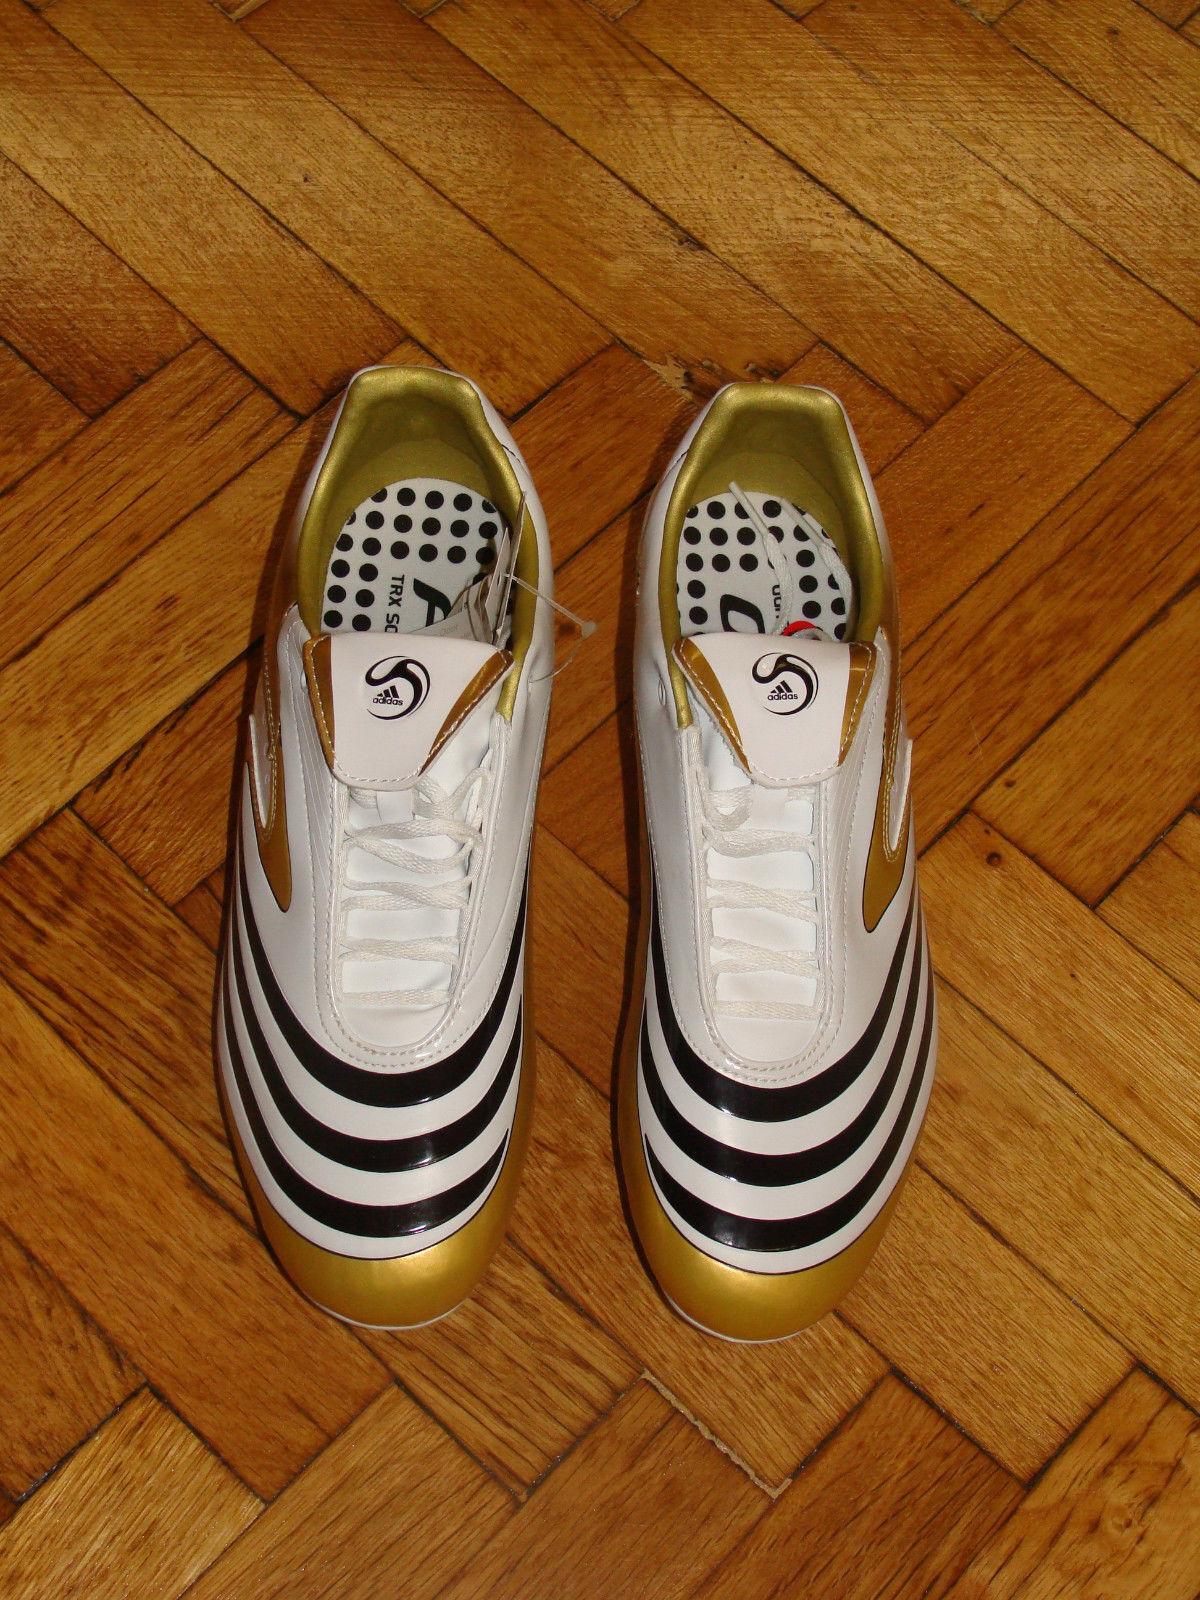 botas De Fútbol Fútbol Fútbol Adidas F10.8 F 10 Fútbol Zapatos terreno blando oro Nuevo 5d2a5b